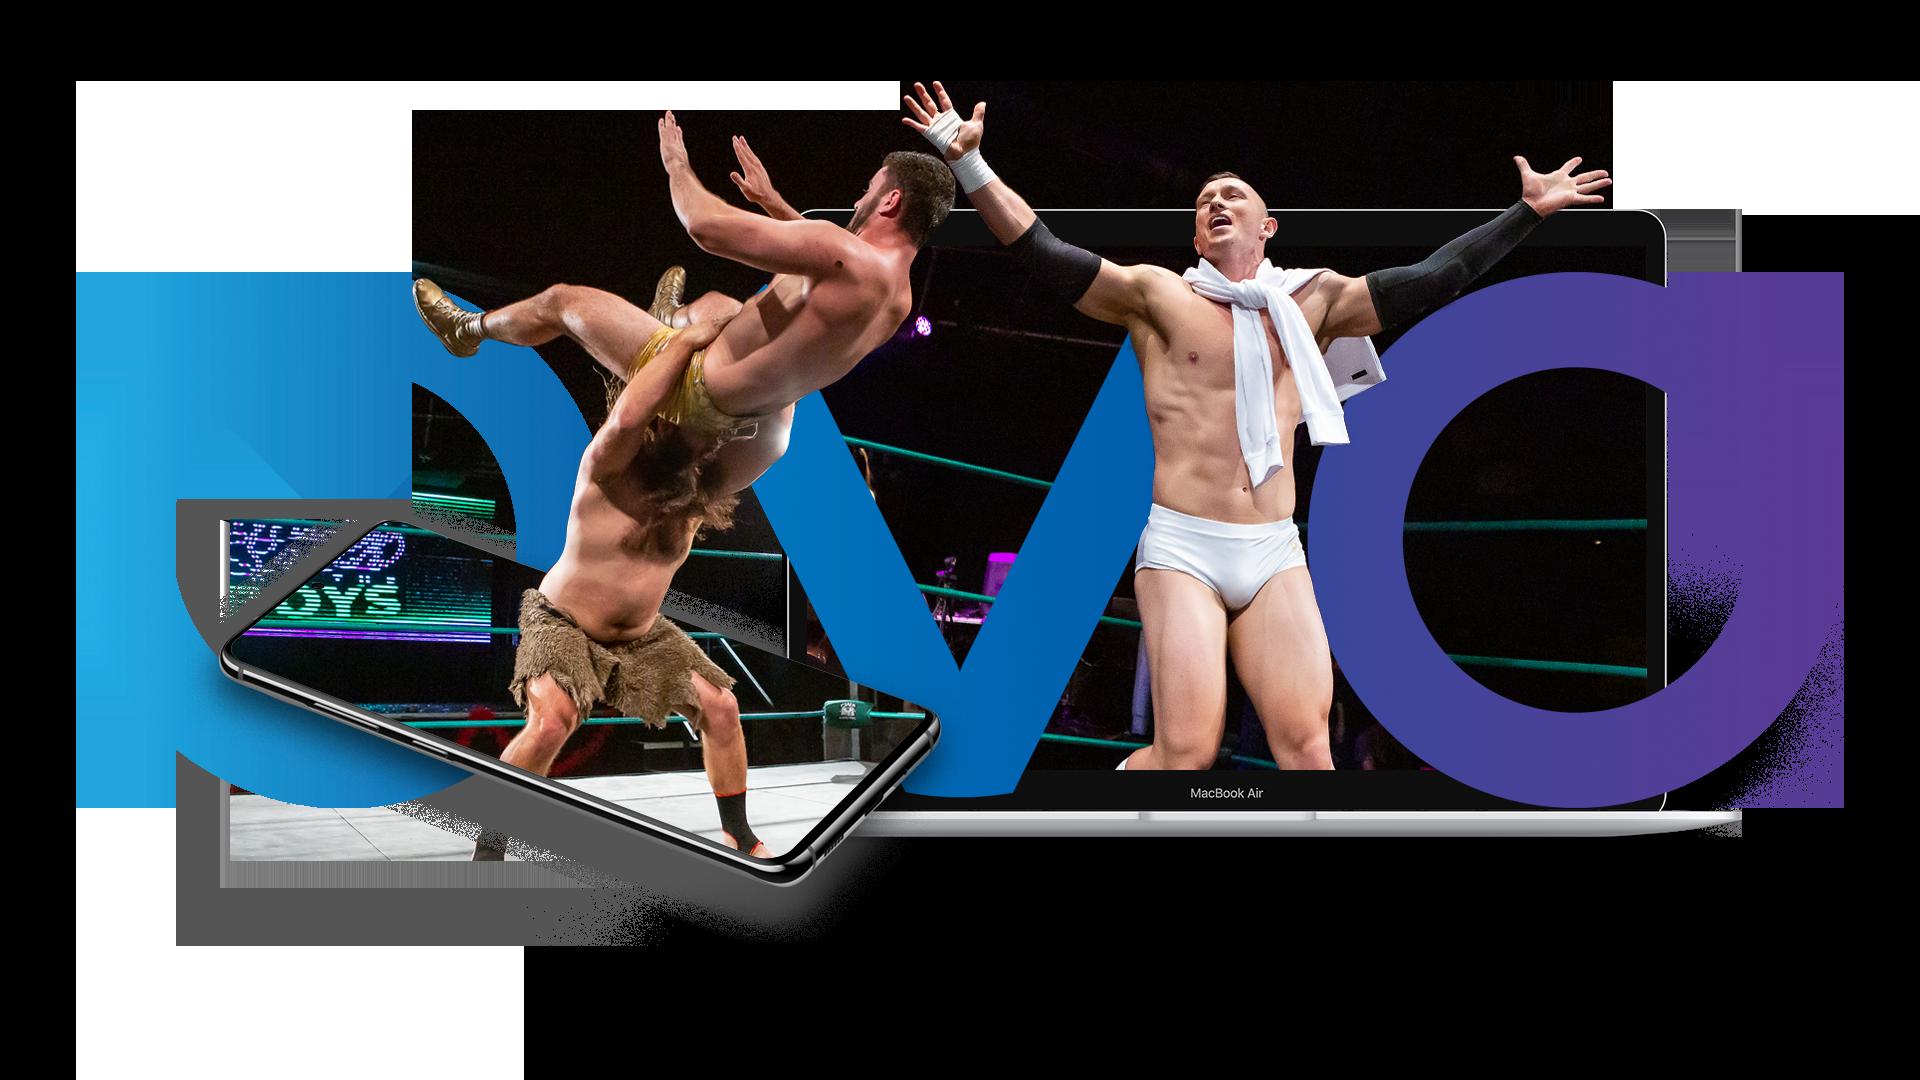 Pro Wrestling Australia on OVO - Pro Wrestling Australia